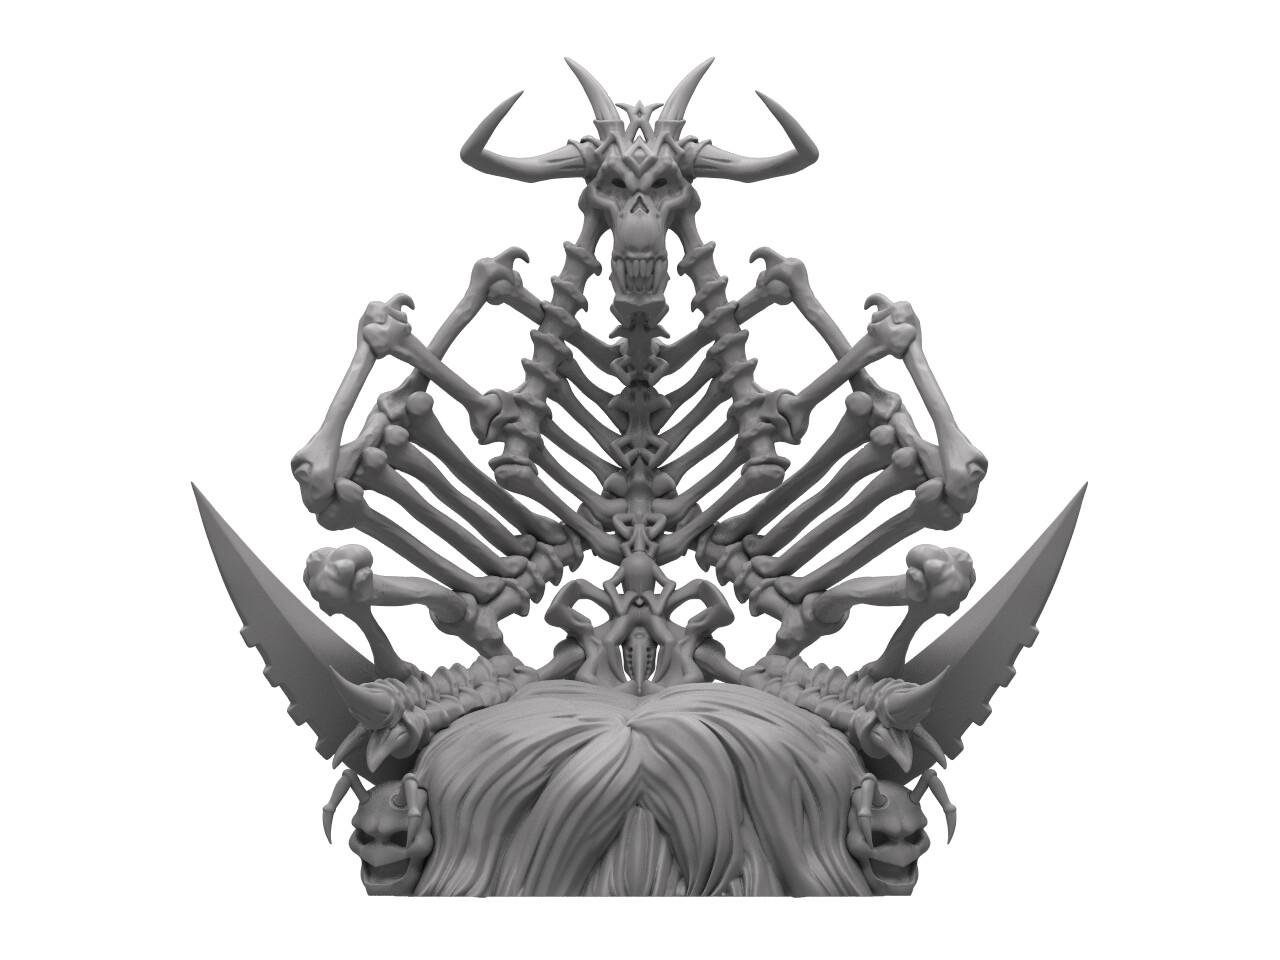 Ben misenar skeletor throne rb 4